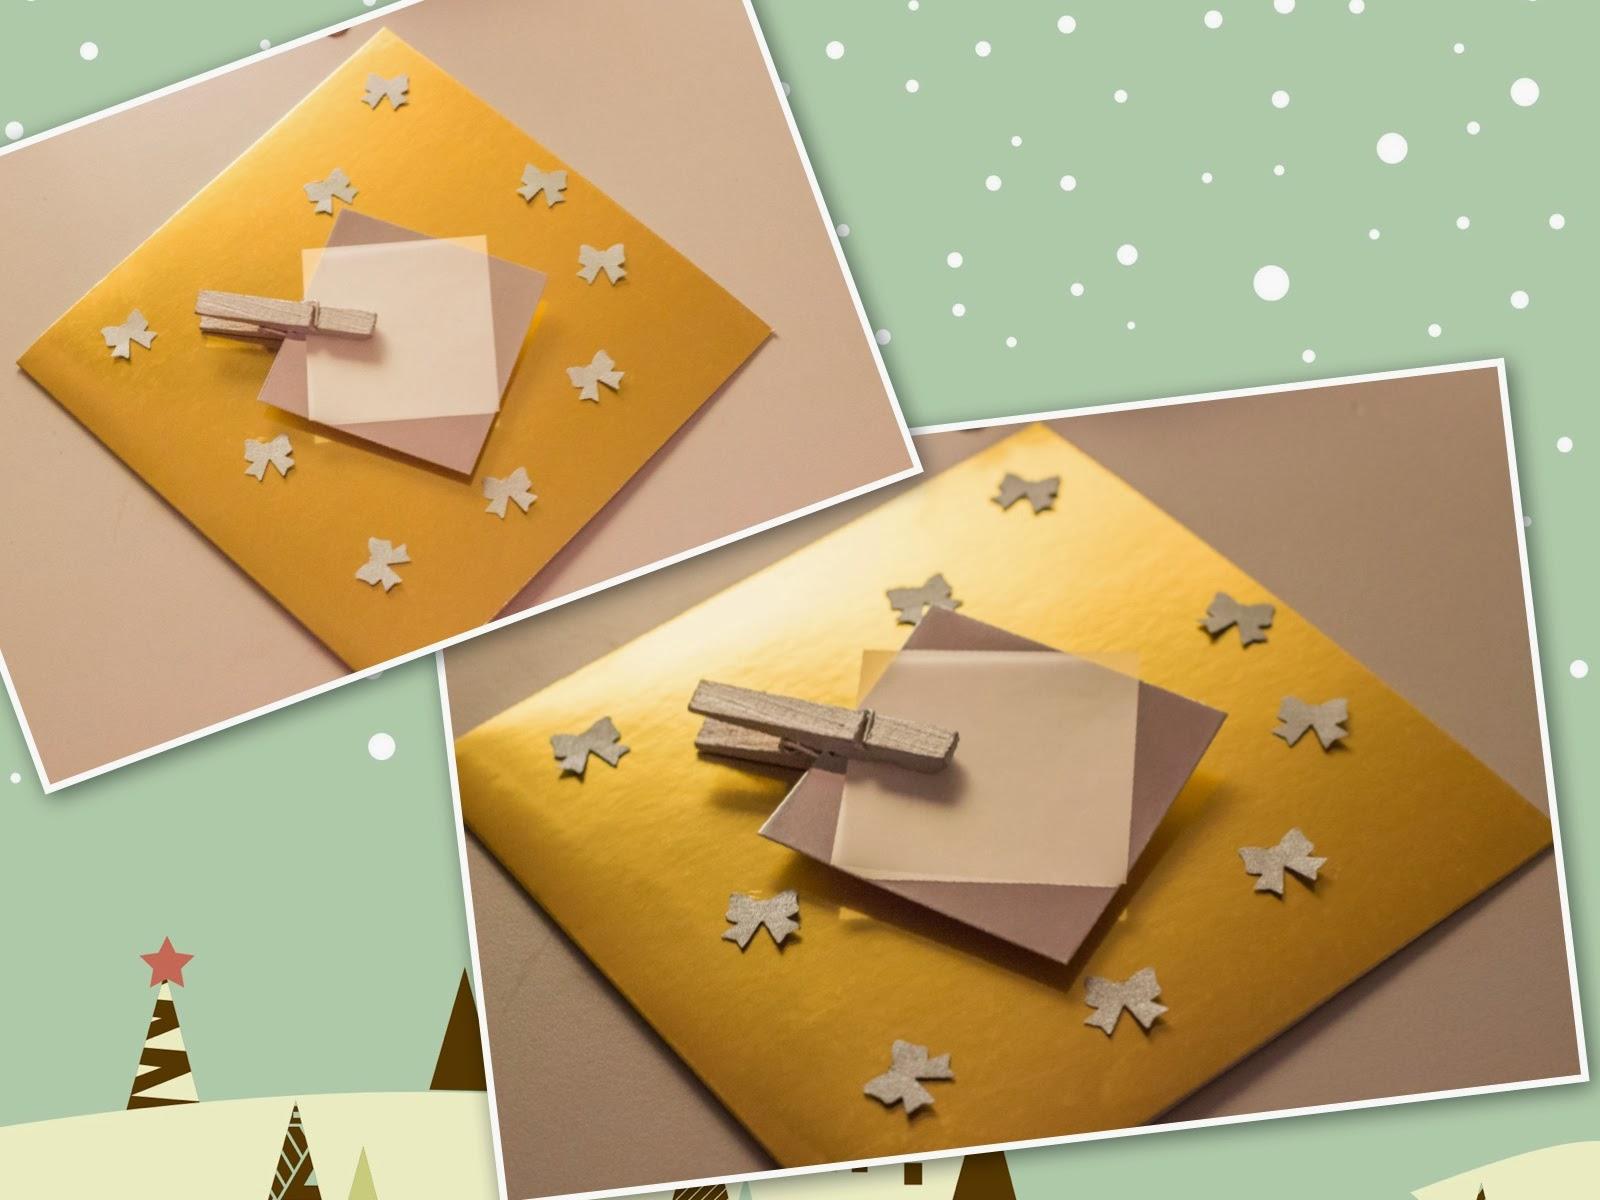 Weltbild Weihnachtskarten.Kleinfallsreich Adventskalender 22 Türchen Diy Weihnachtskarten